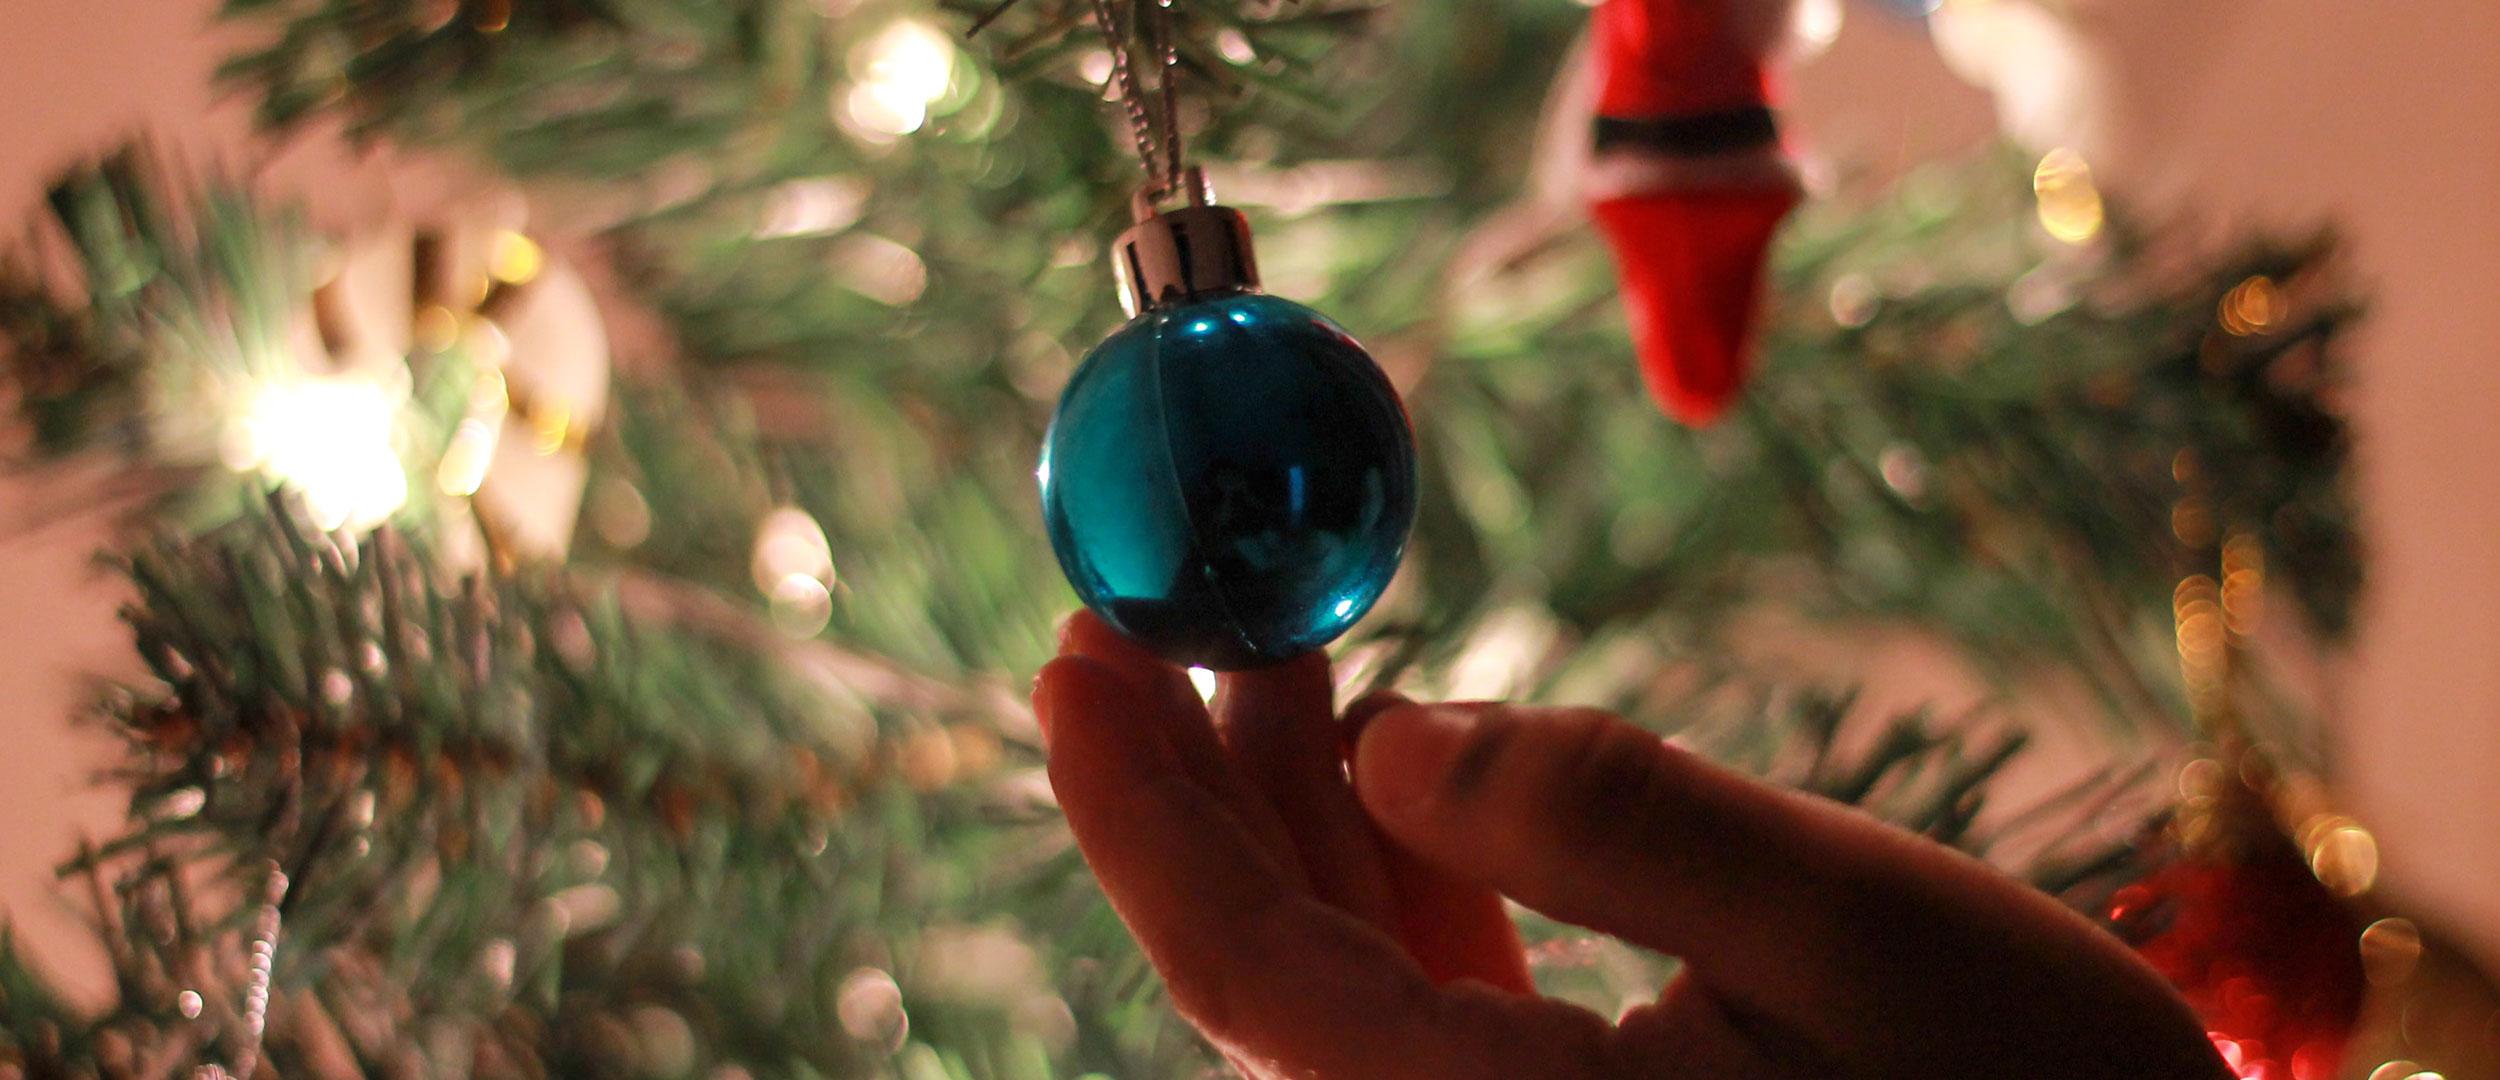 Vi önskar en god jul och gott nyår